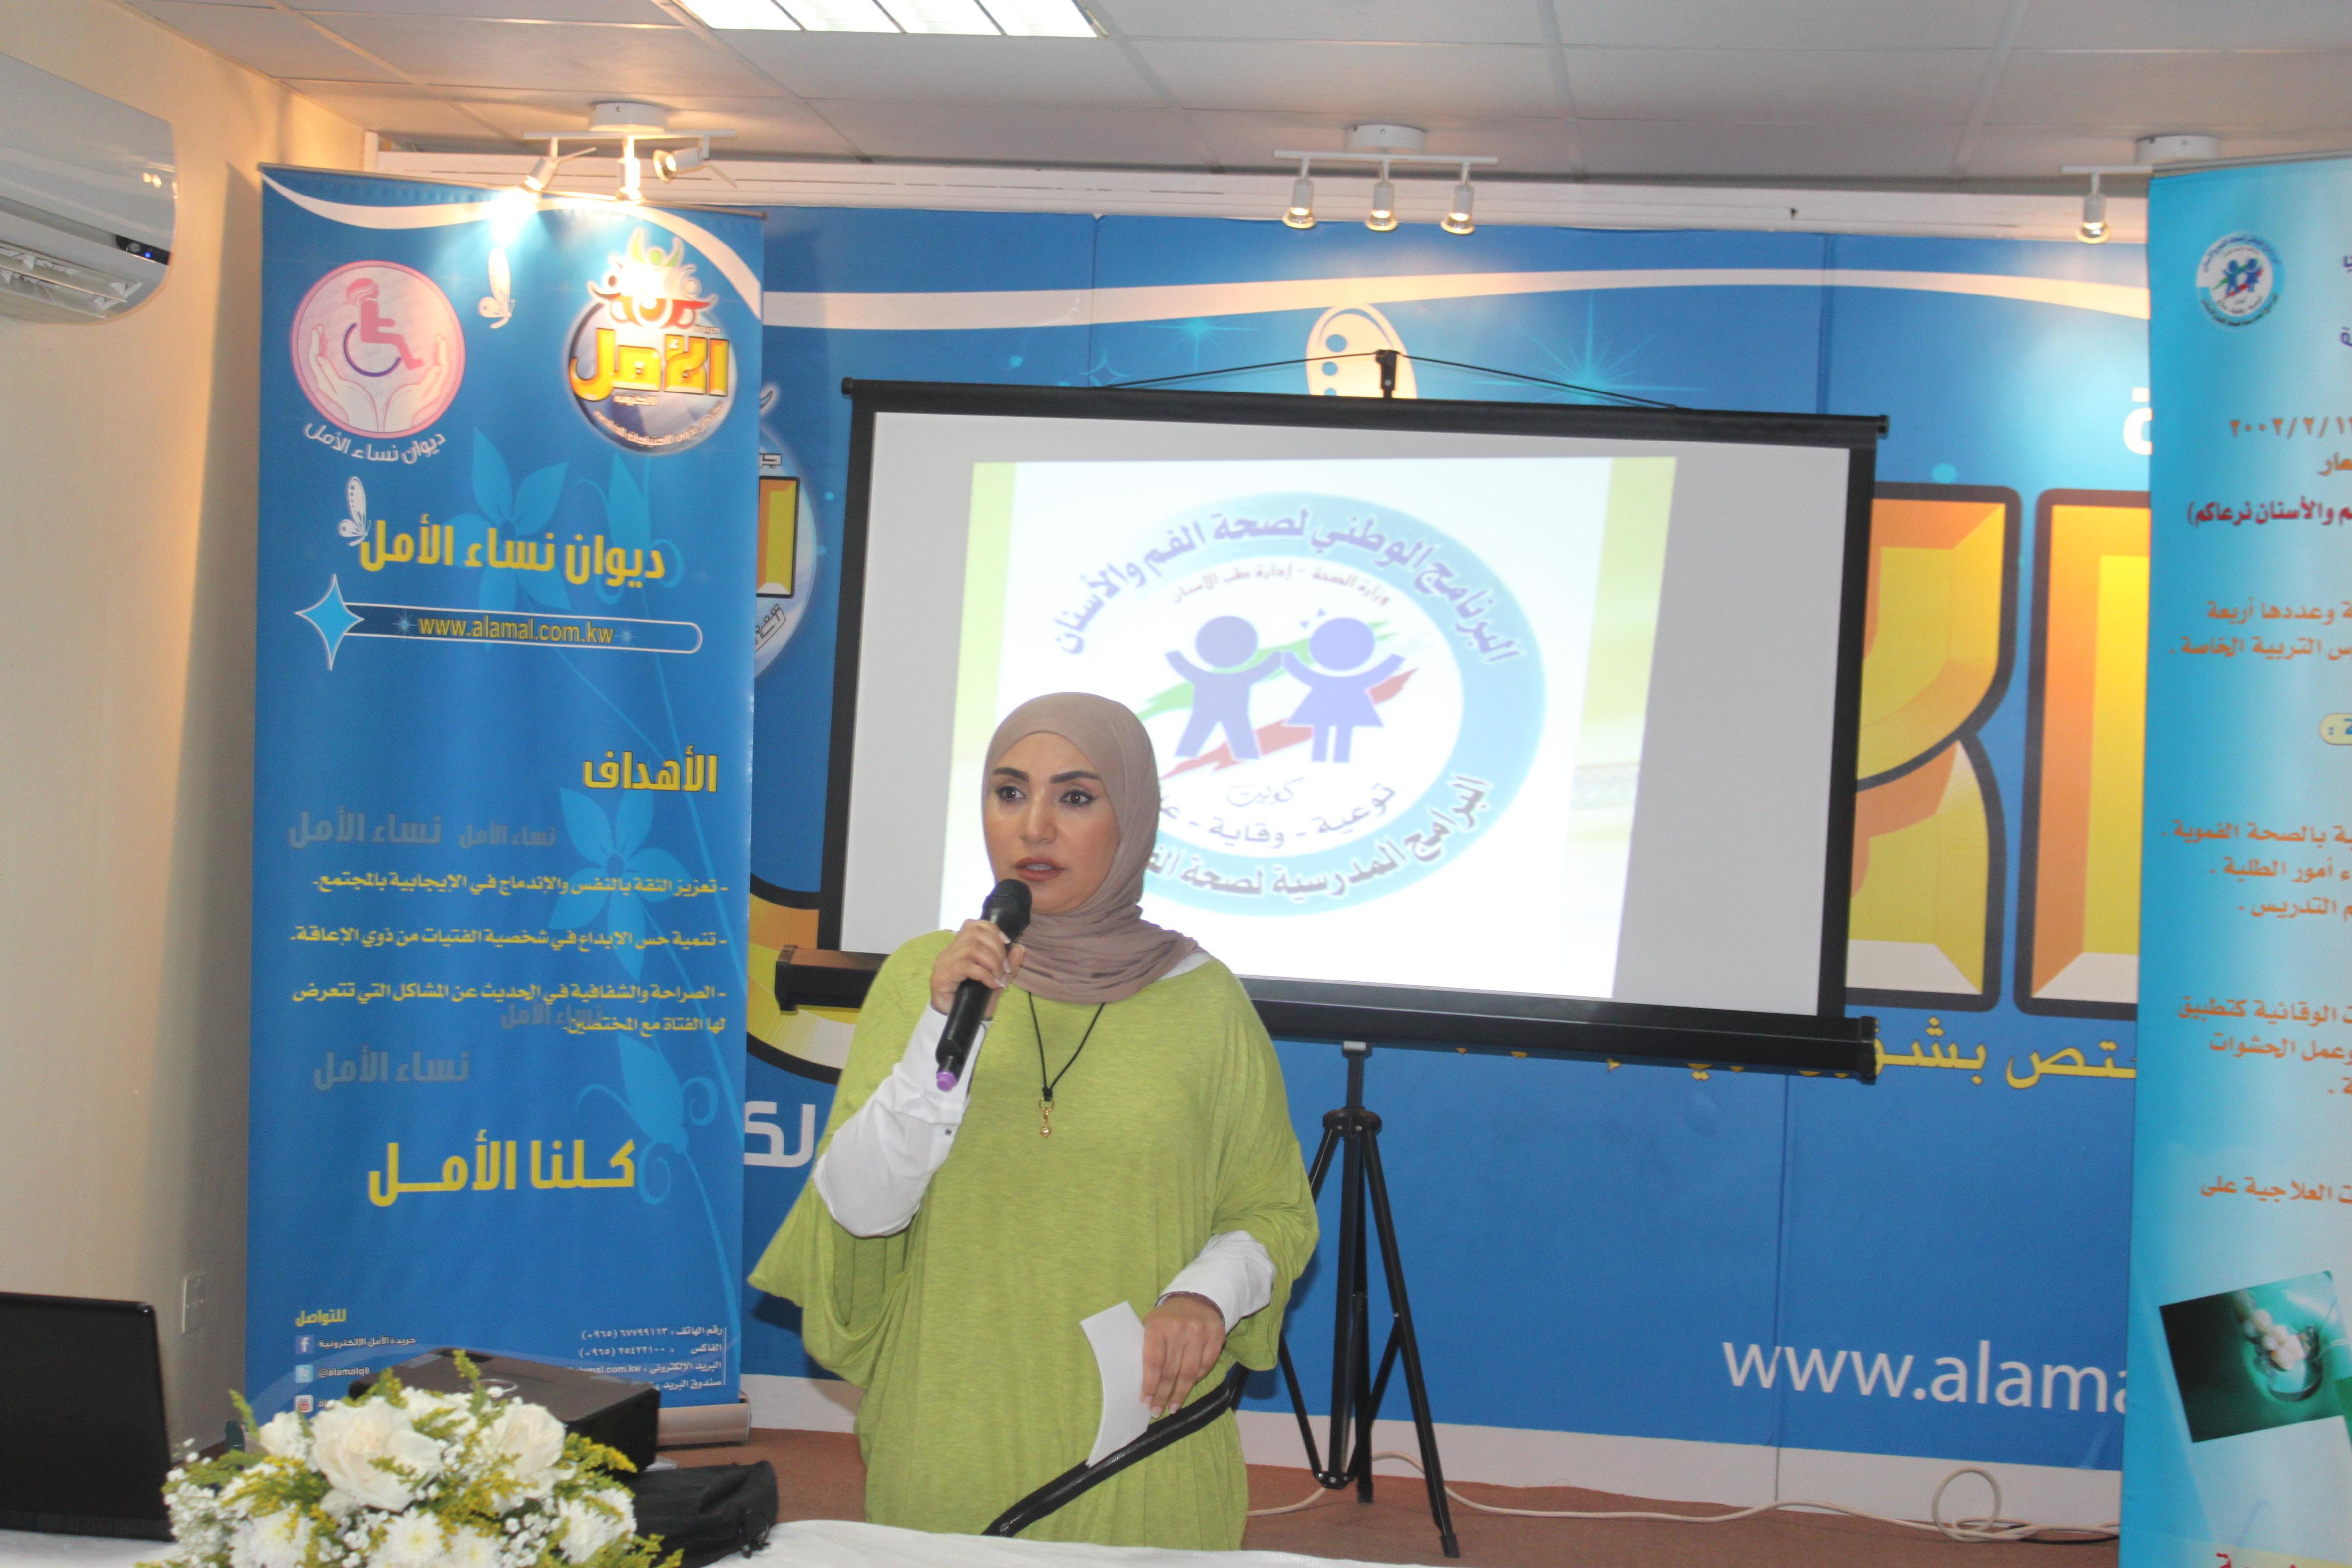 الاستاذة الهام الفارس في محاضرة عن الصحة الفم والاسنان